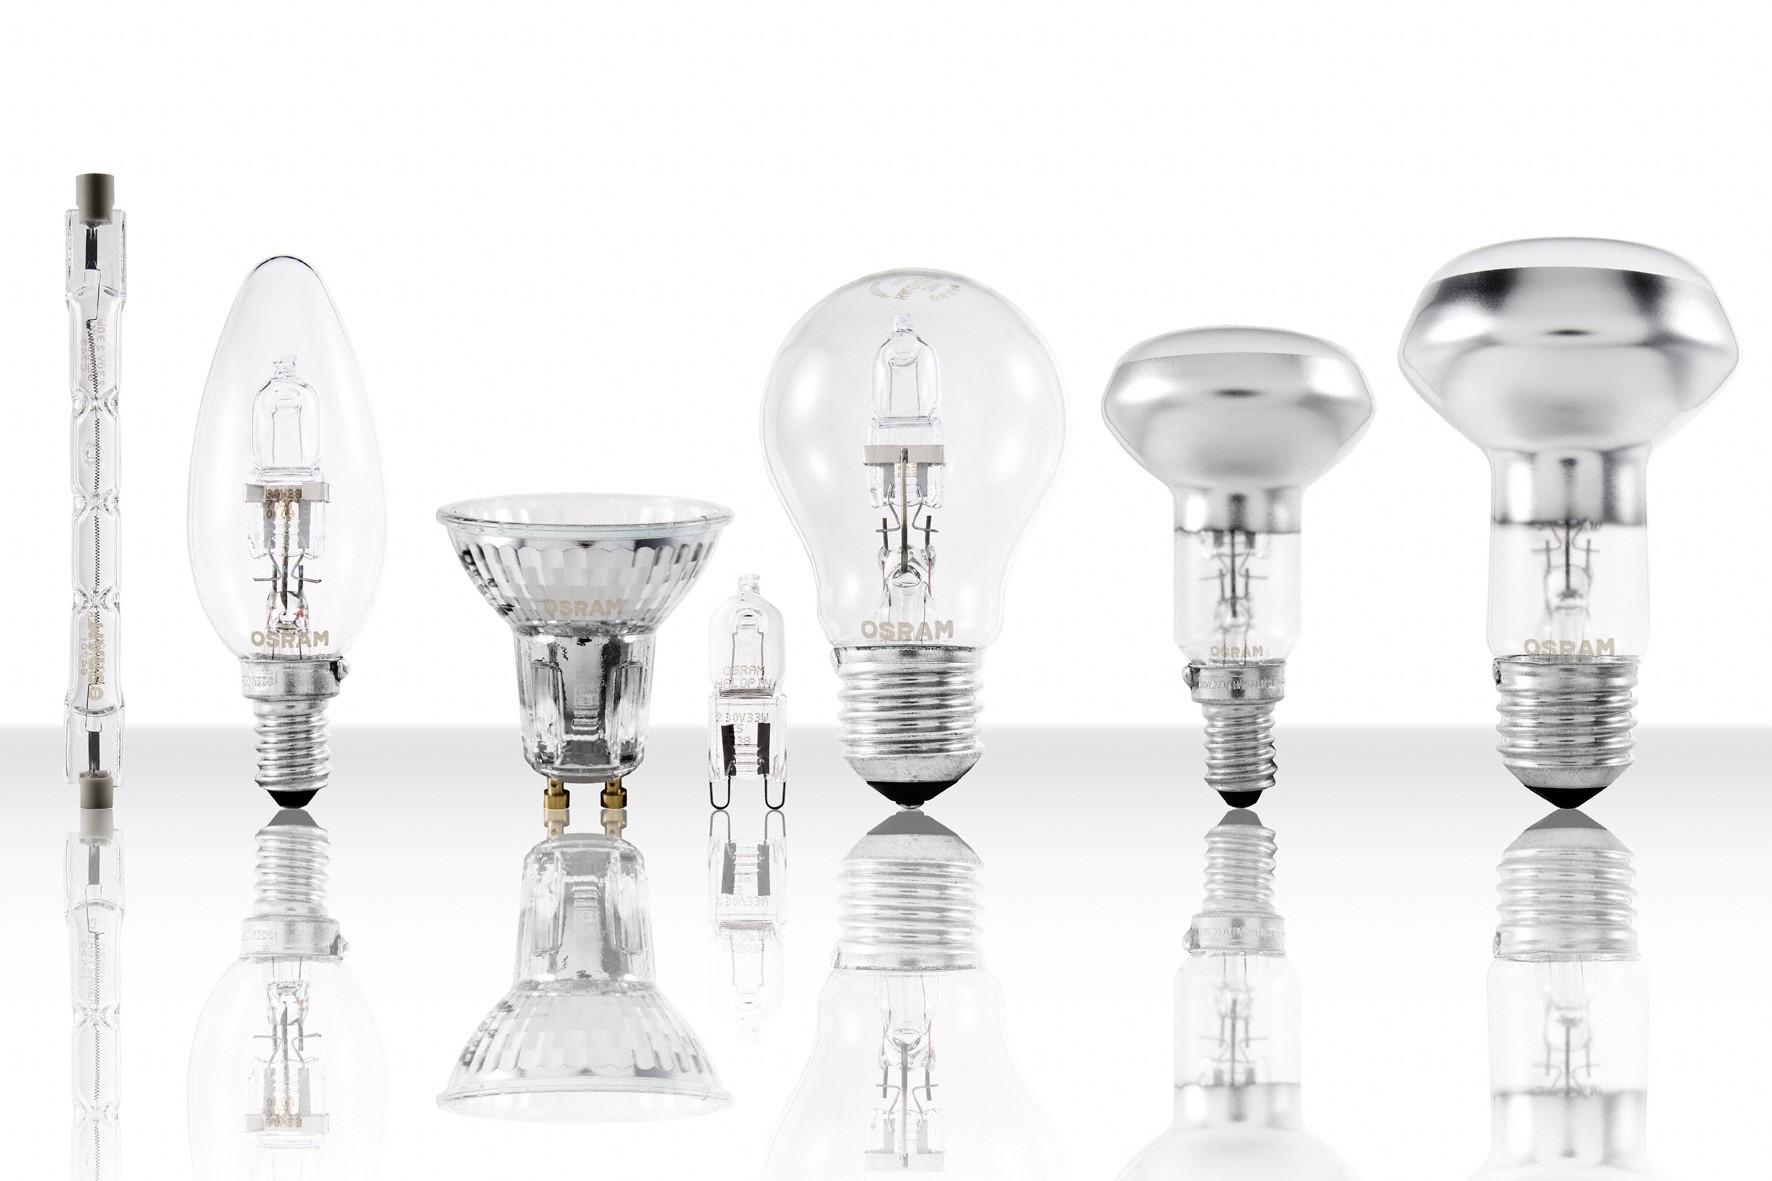 Solo da osram la nuova gamma completa di lampade for Lampadine alogene